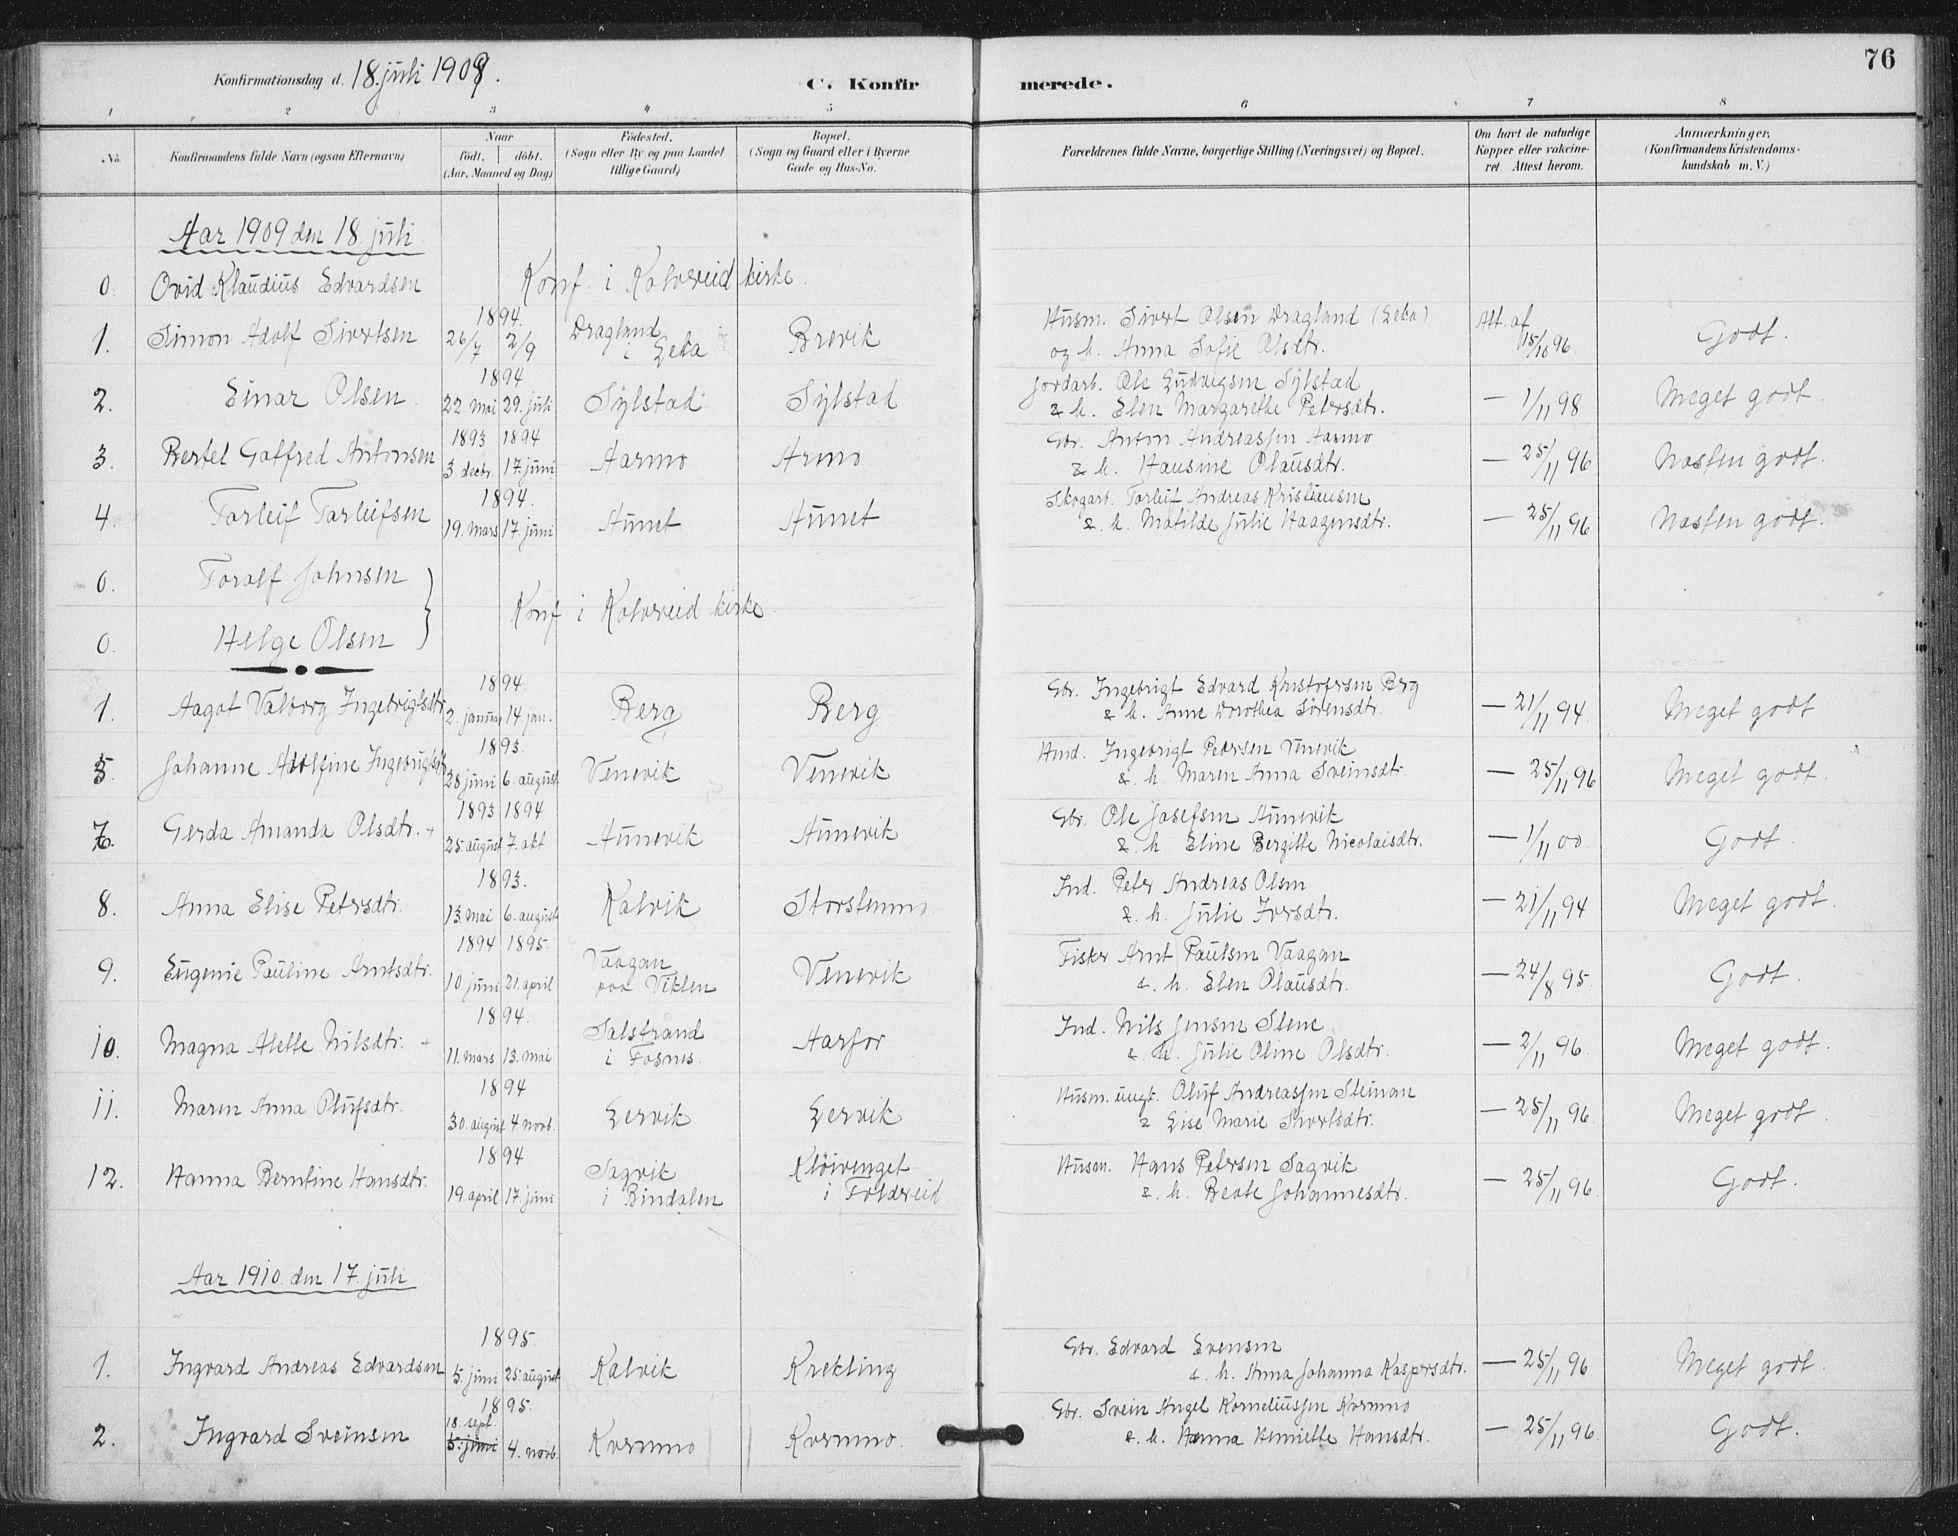 SAT, Ministerialprotokoller, klokkerbøker og fødselsregistre - Nord-Trøndelag, 783/L0660: Ministerialbok nr. 783A02, 1886-1918, s. 76